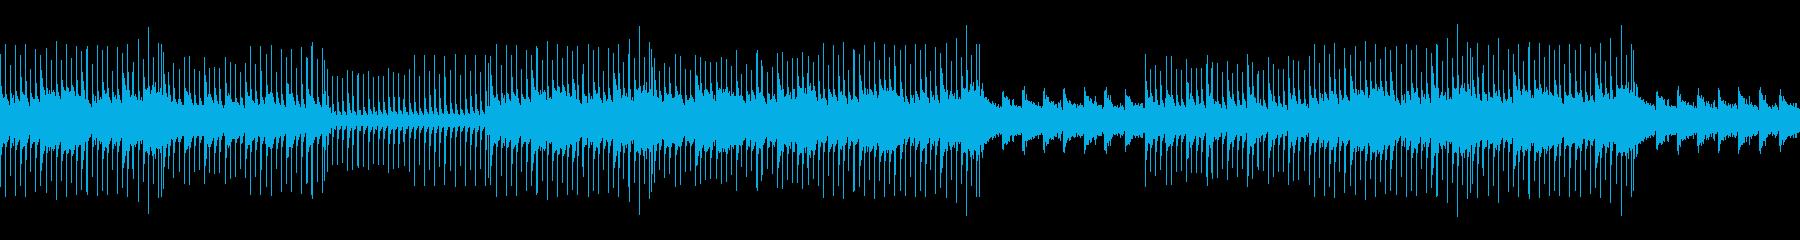 お洒落/前向き/シンプル/癒し/リードの再生済みの波形